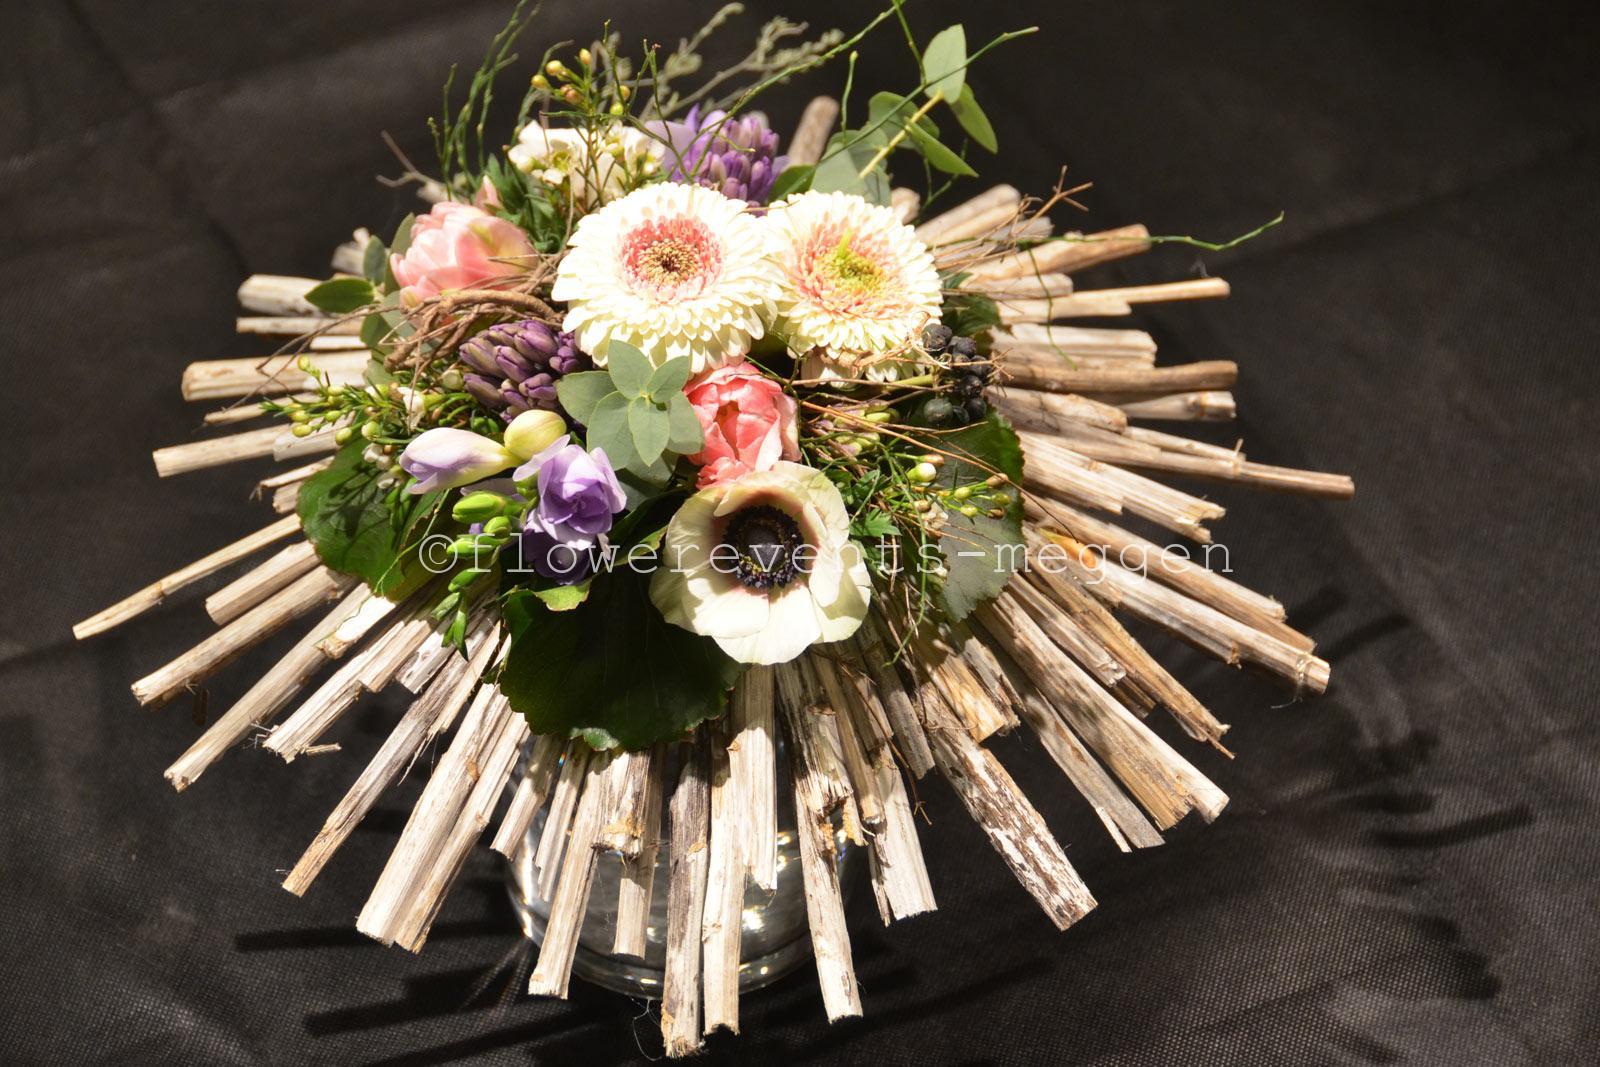 str_rapspastell  Blumen Luzern Flowerevents